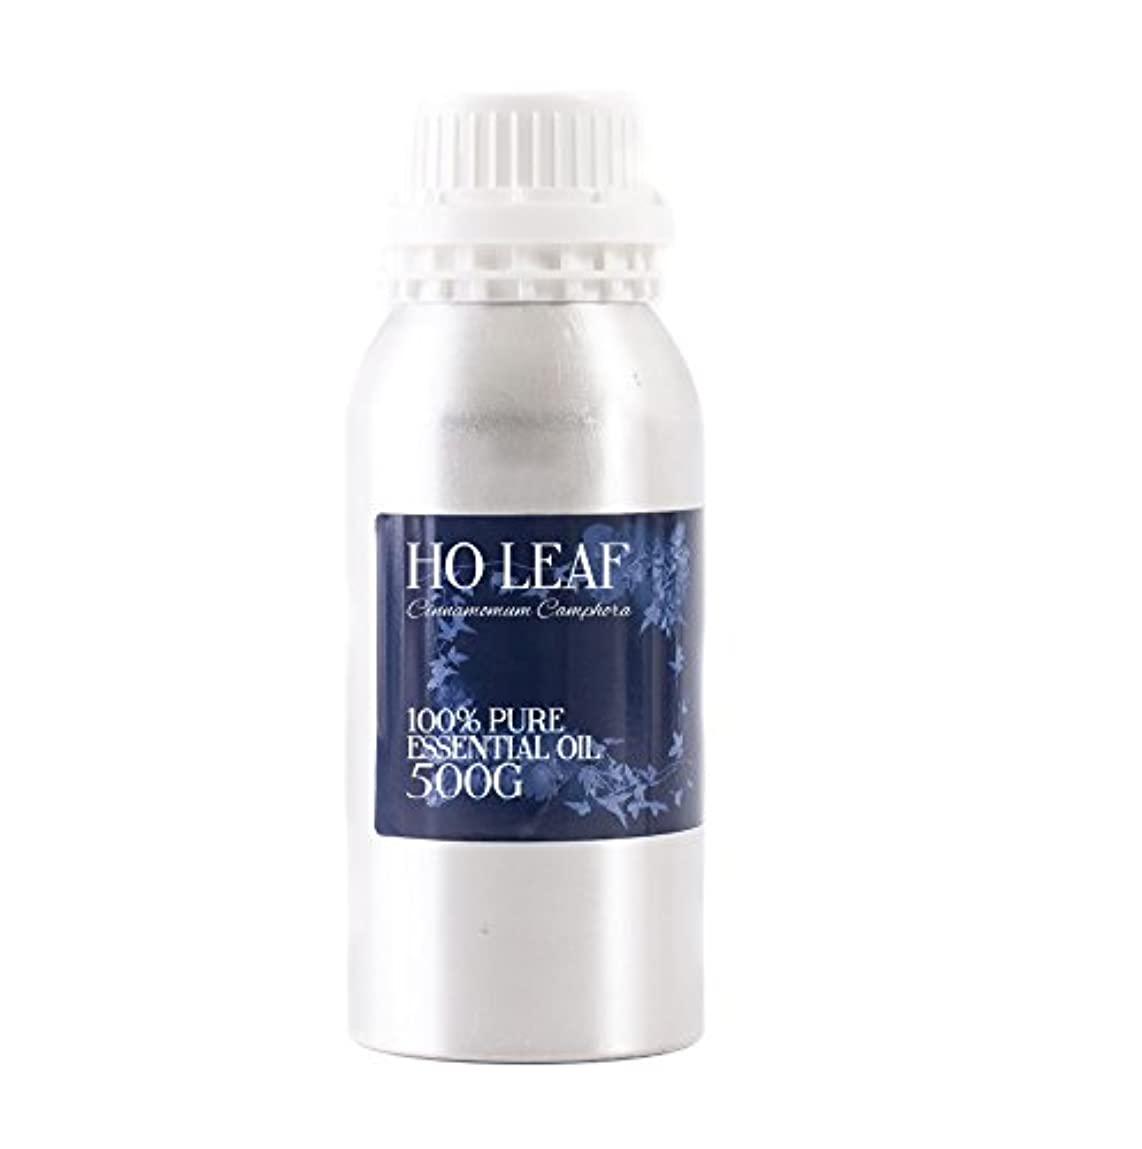 案件祖母立法Mystic Moments | Ho Leaf Essential Oil - 500g - 100% Pure